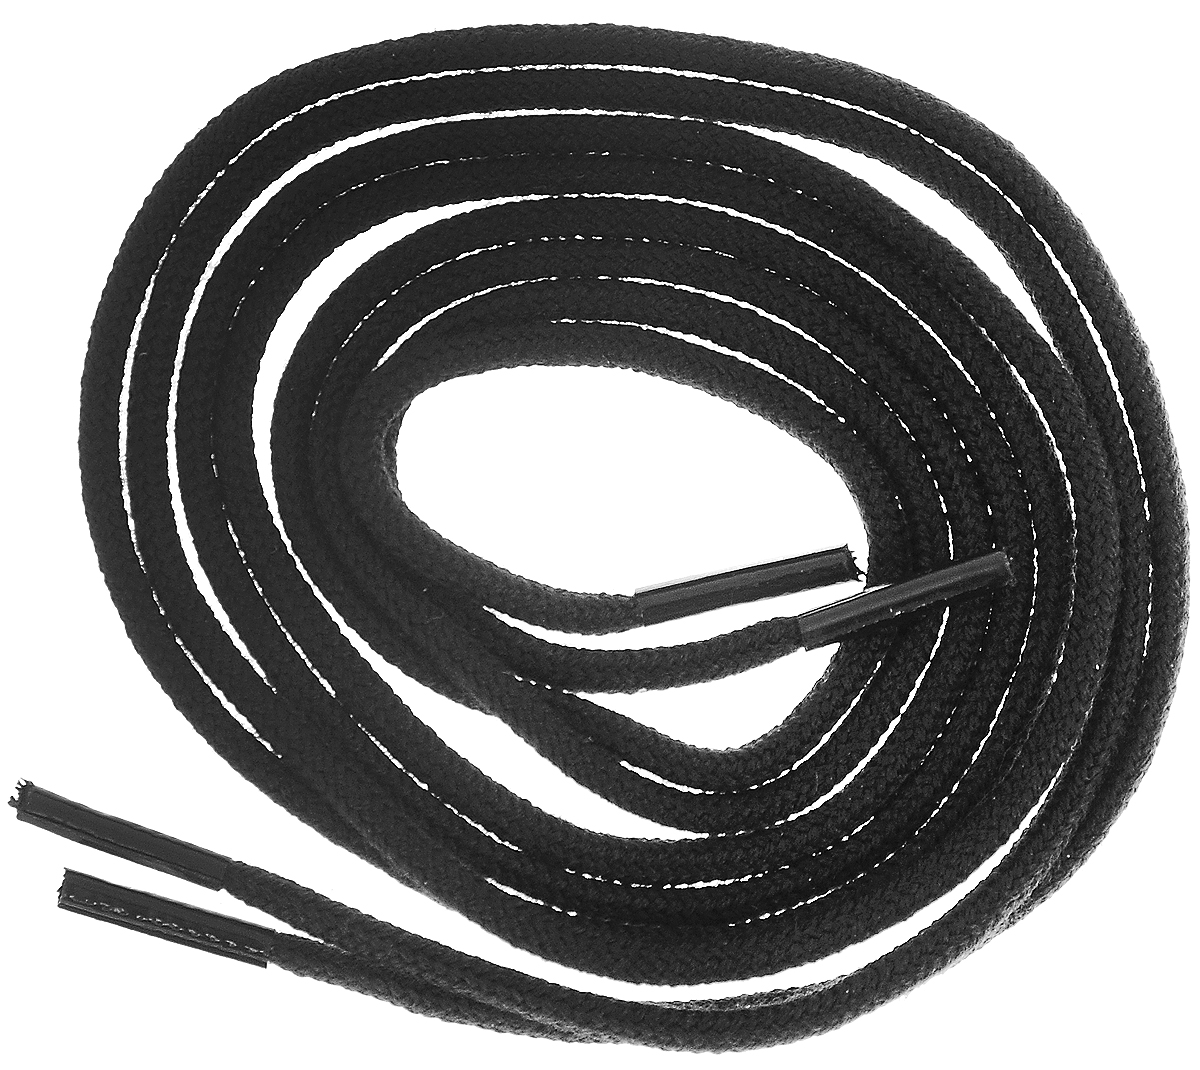 Шнурки тонкие Collonil Rund, цвет: черный, длина 60 см611734_темно-синийТонкие шнурки Collonil Rund изготовлены из 75% хлопка и 25% полиамида. Крепкие и удобные шнурки являются неотъемлемым аксессуаром и подходят для ношения модельной или предназначенной для отдыха и туризма обуви. Подходят для обуви с восемью отверстиями.